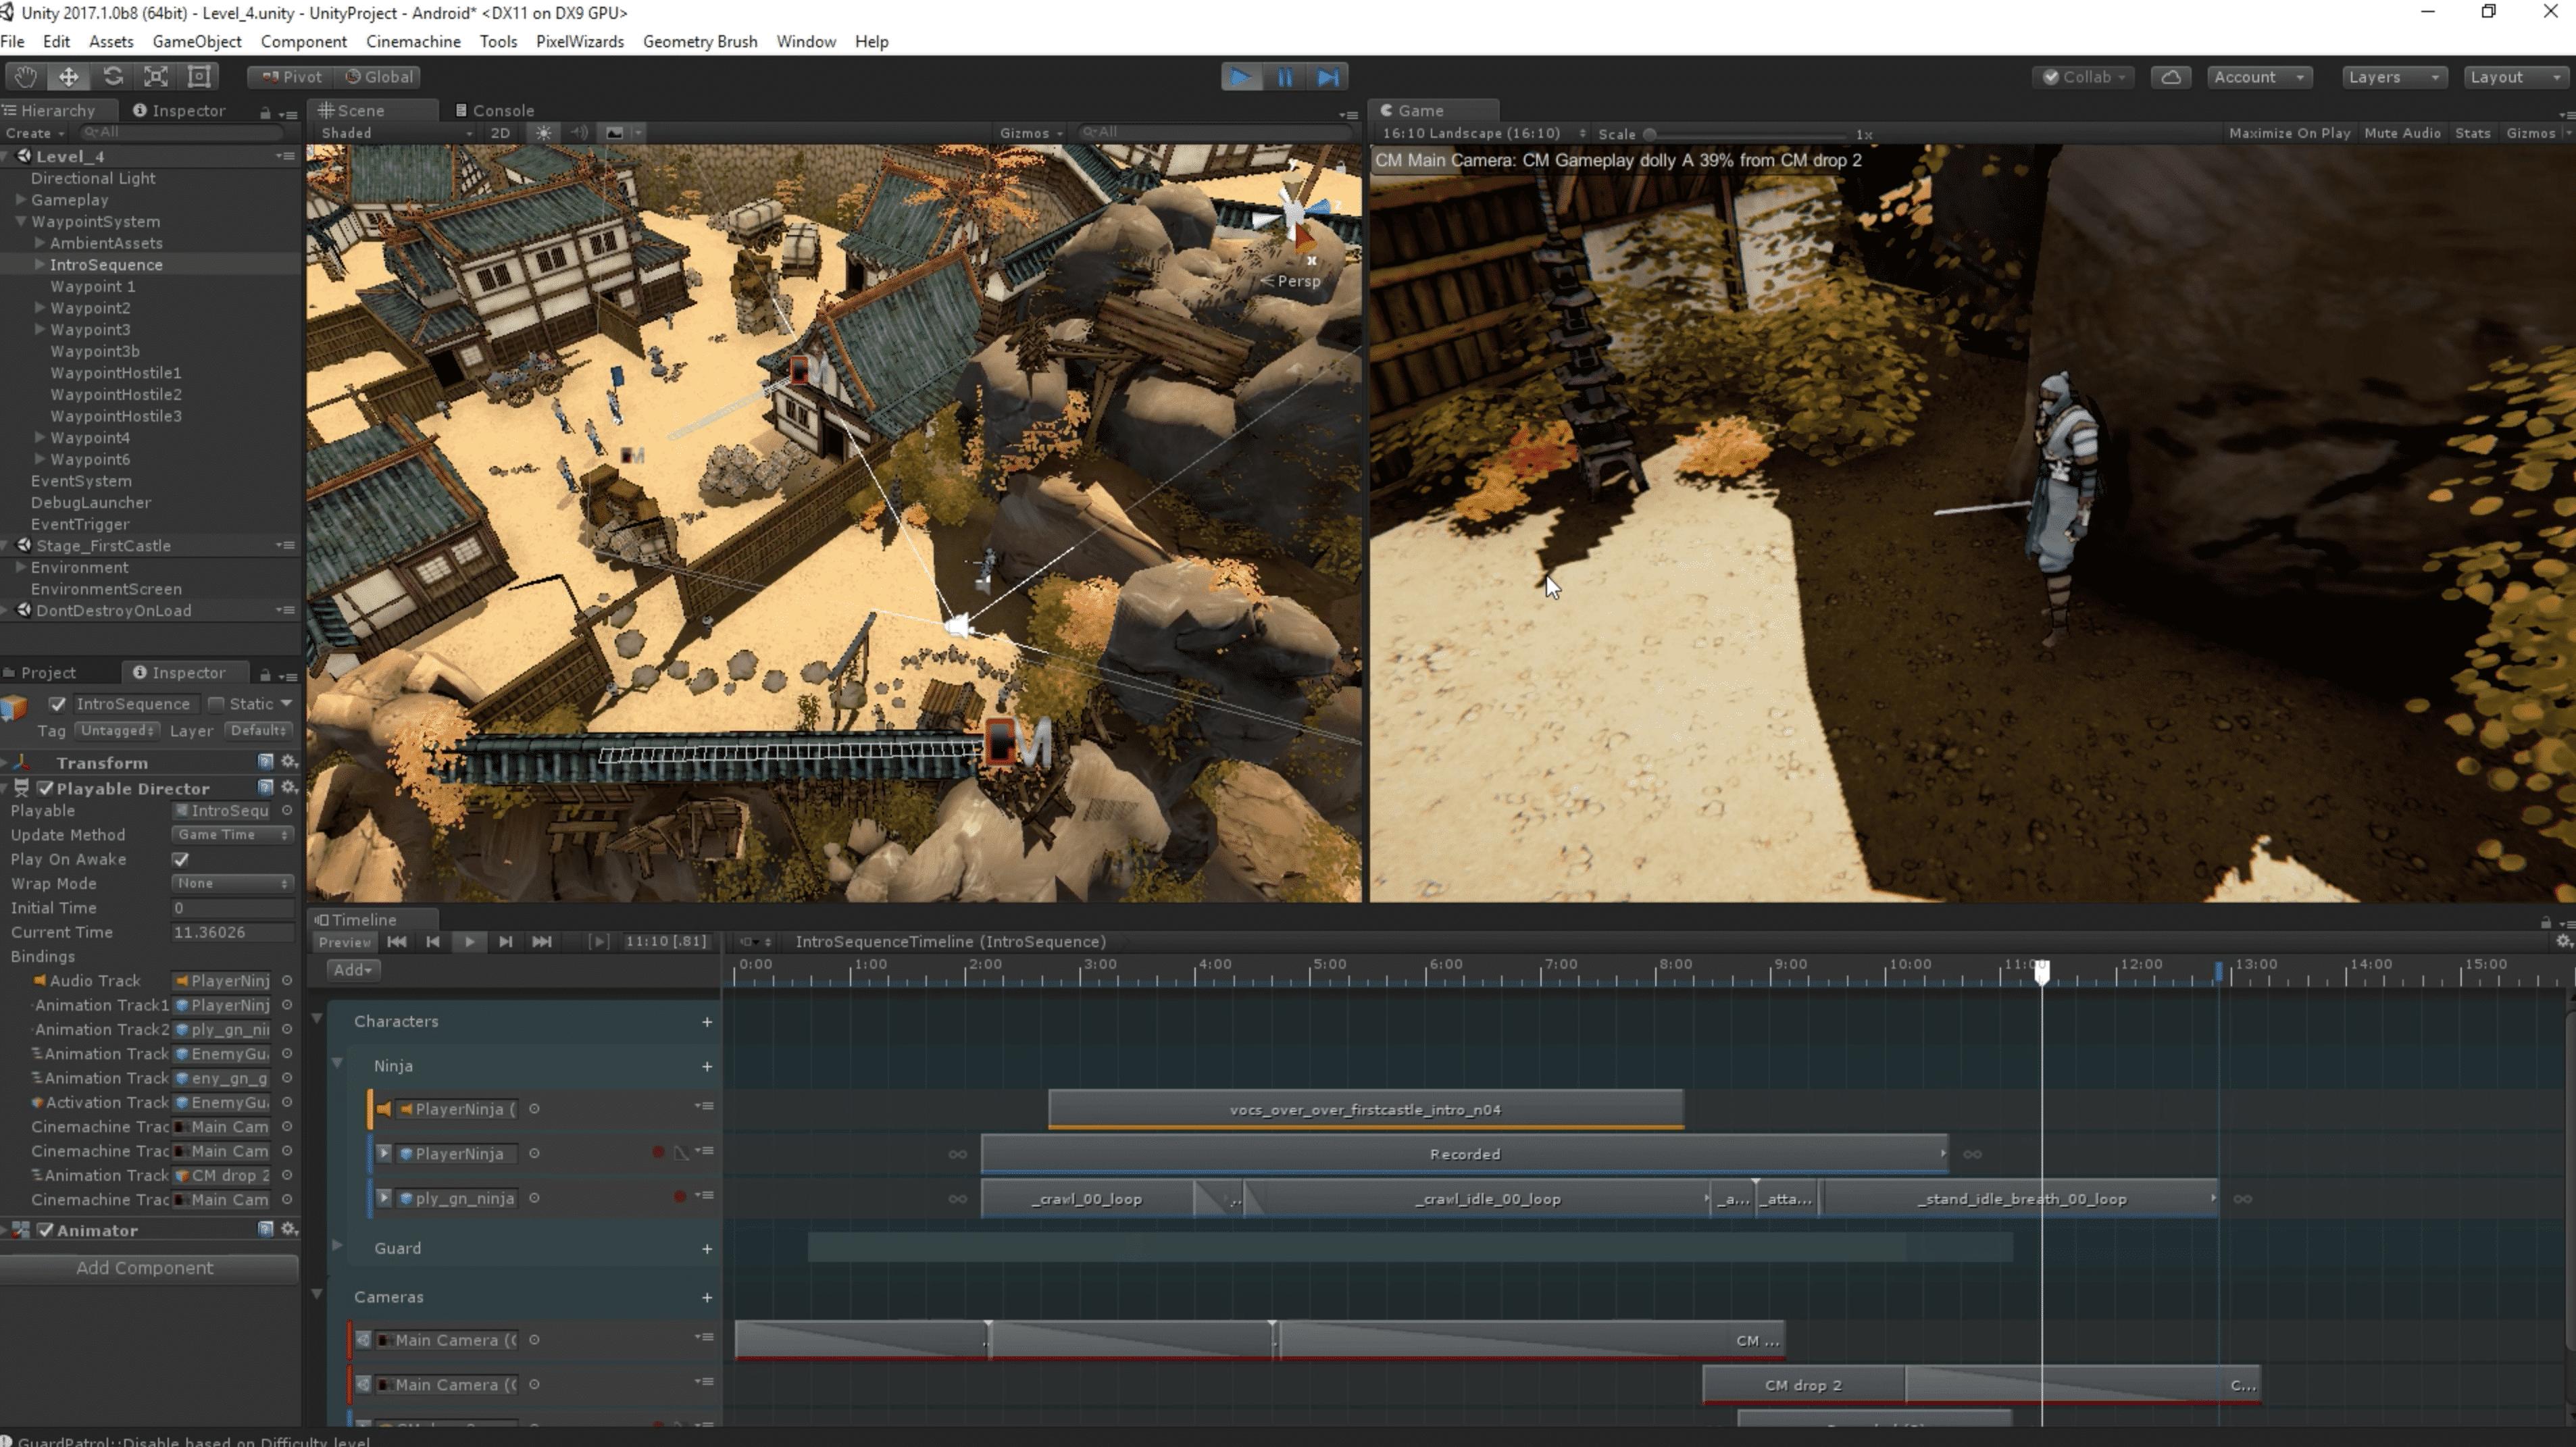 Unity 2017.1: Kinoreife Film-Effekte für Spiele-Engine